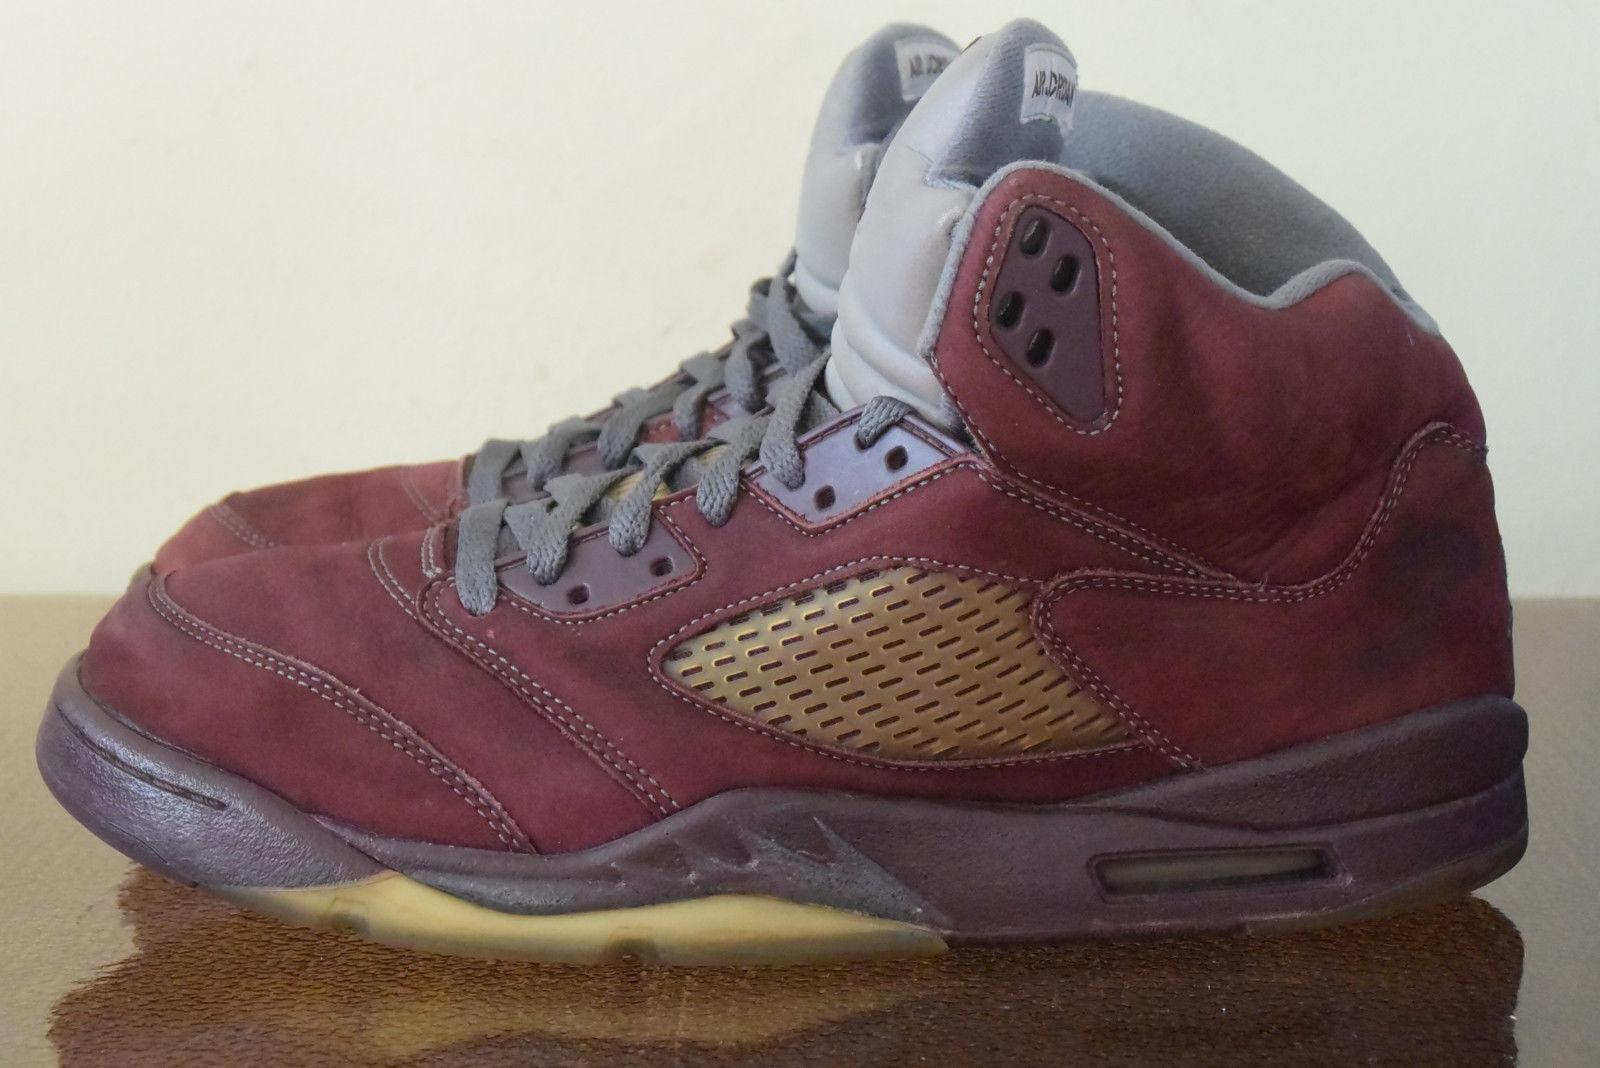 44fbdaf72f8 Nike Air Jordan V 5 Retro LS Graphite Silver 314259-602 Sz 10.5 Deep  Bergundy nxkqpo3253-Athletic Shoes